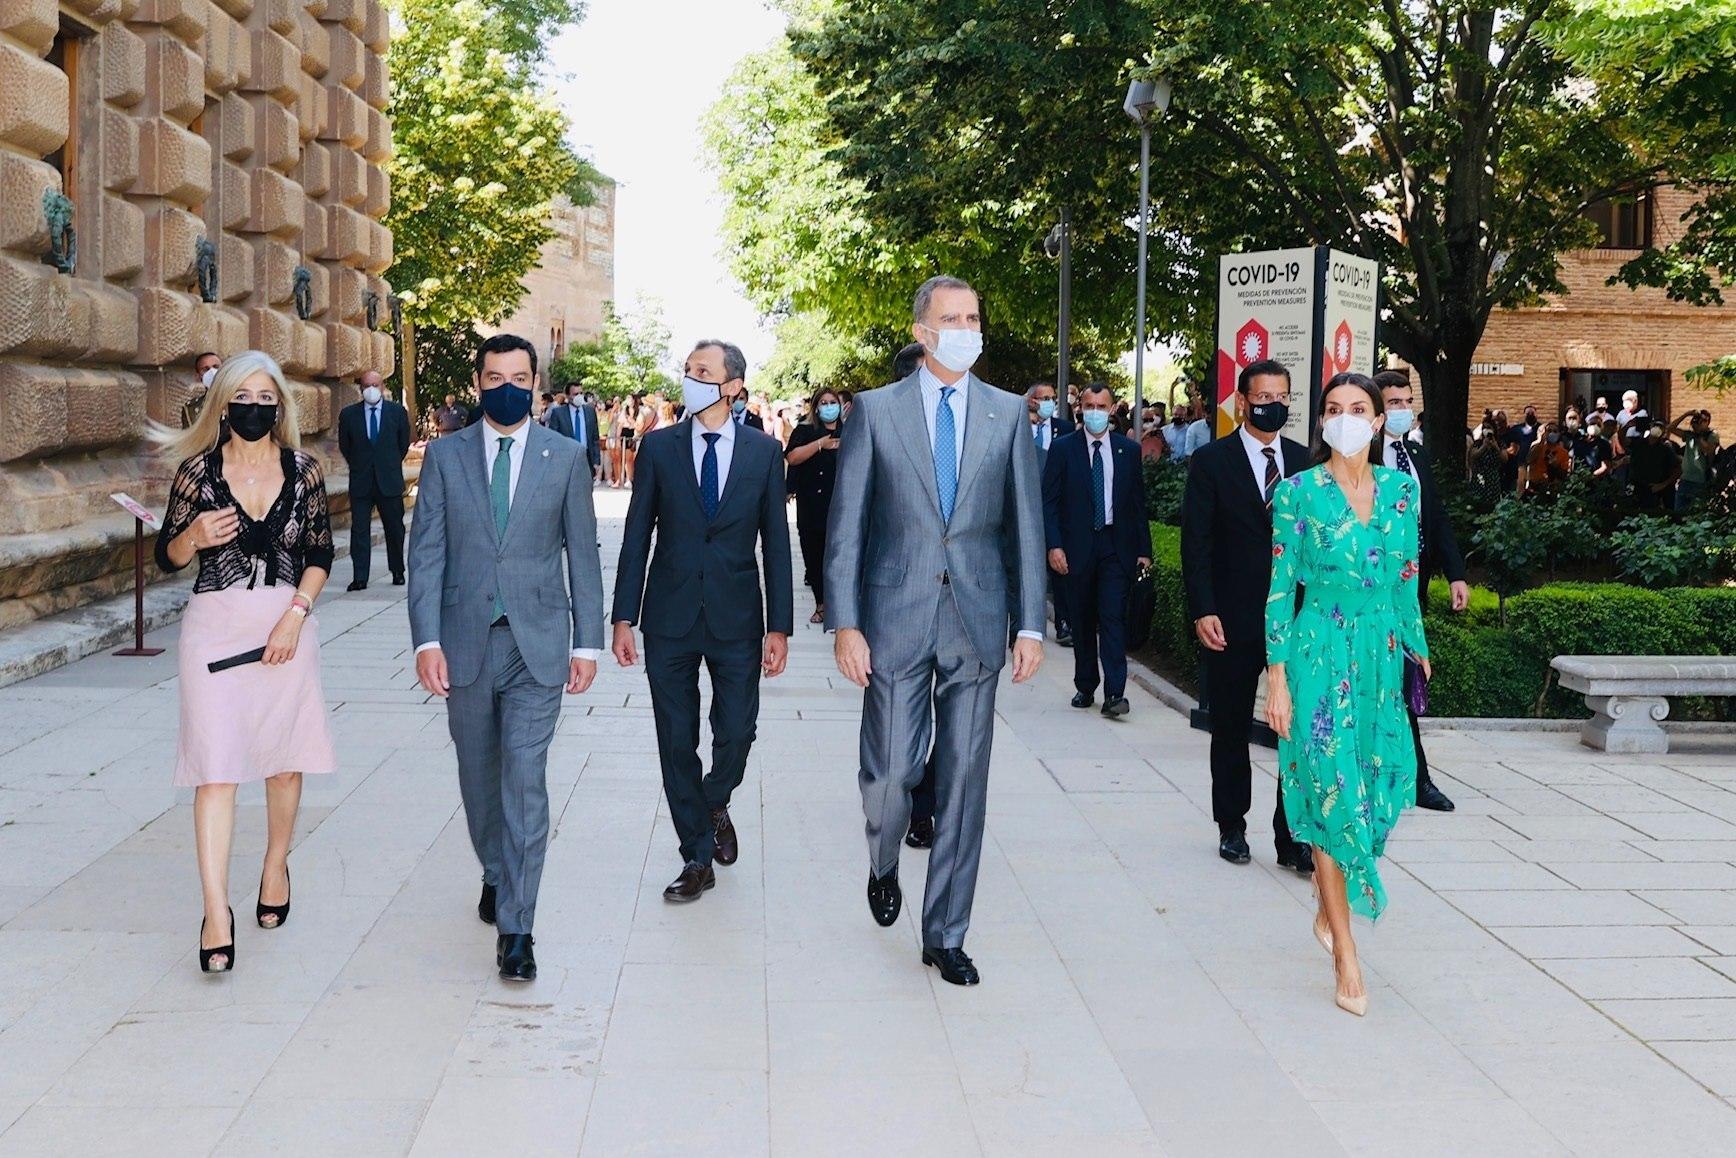 El ministro de Ciencia, Pedro Duque, junto a los Reyes Felipe y Letizia y el presidente de la Junta de Andalucía, Juanma Moreno, en la inauguración de una exposición en Granada